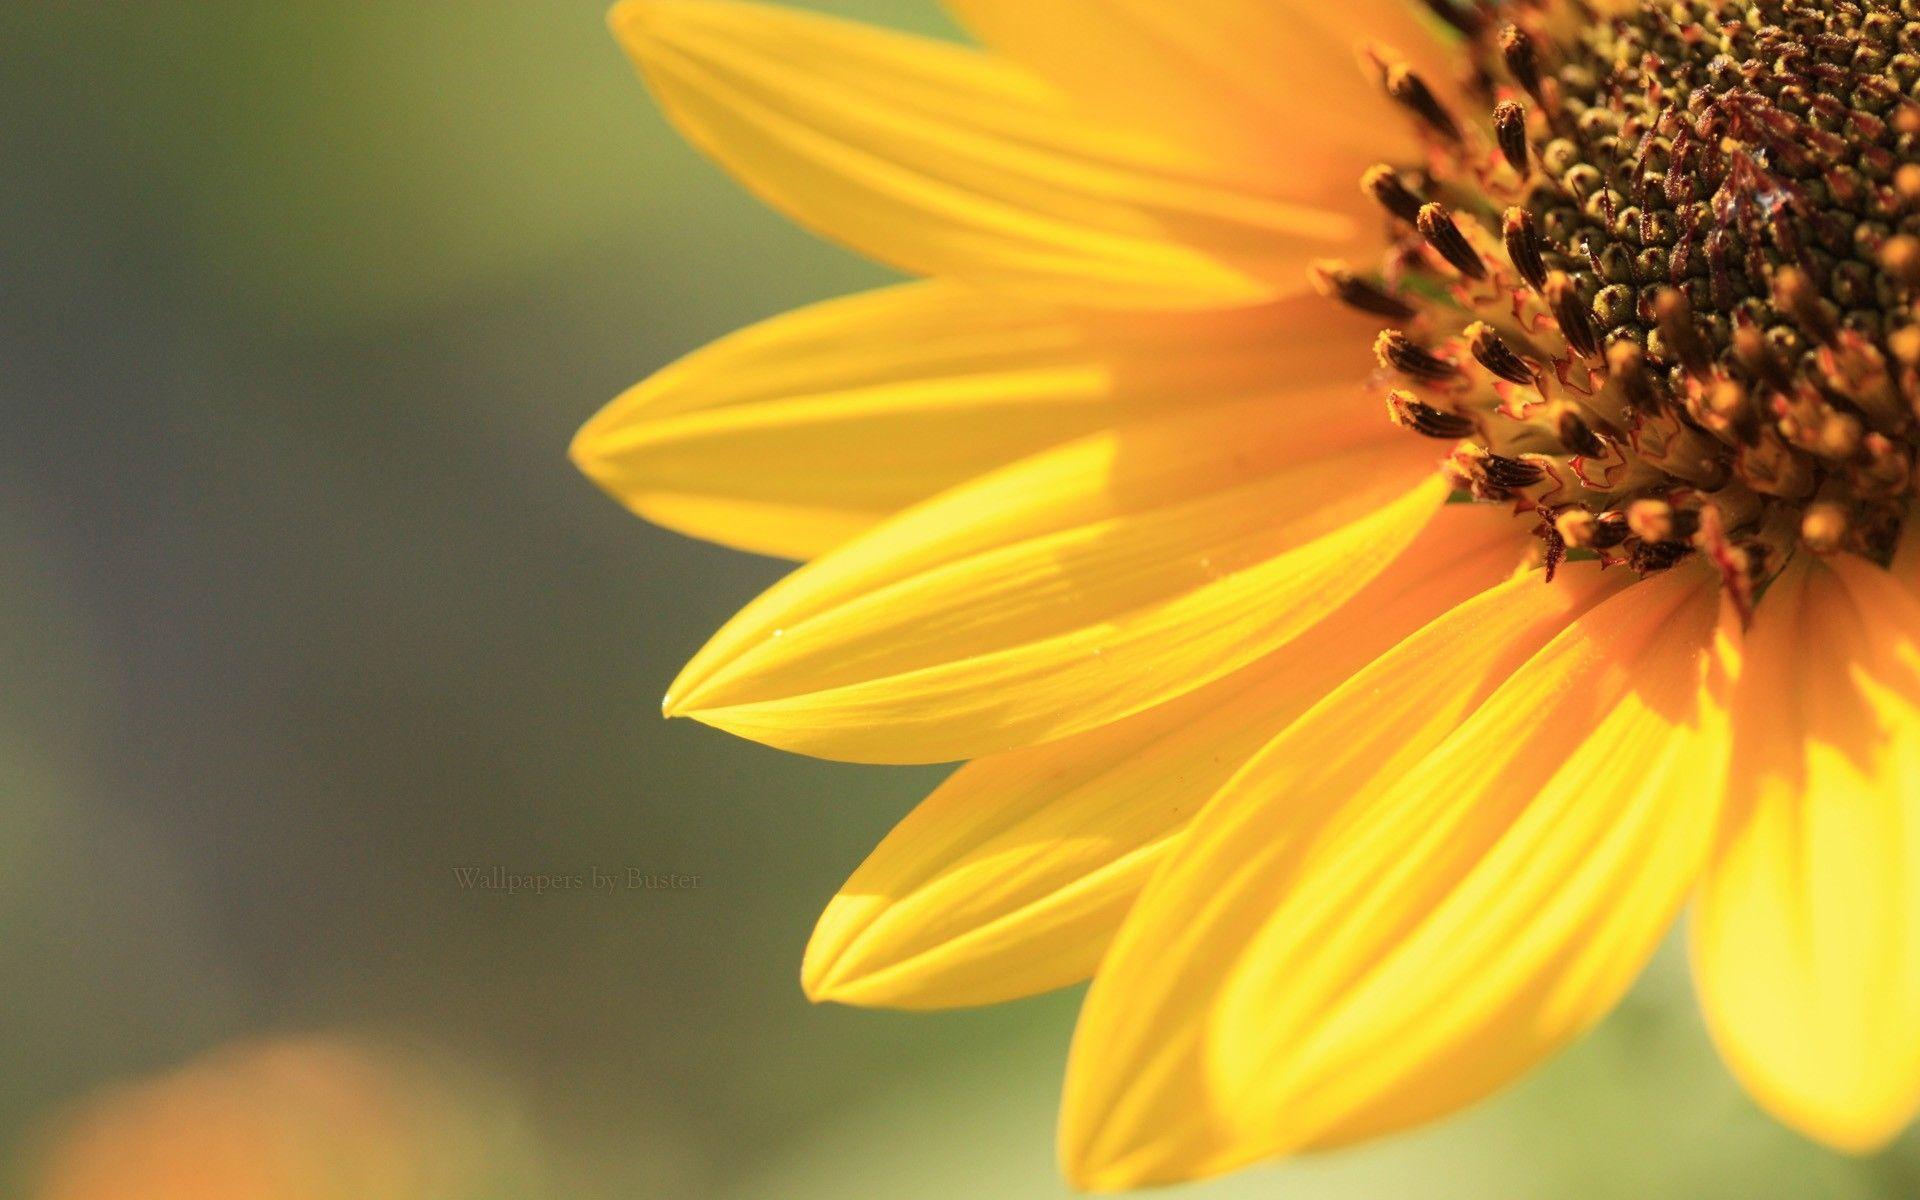 sunflower tumblr wallpaper full - photo #40